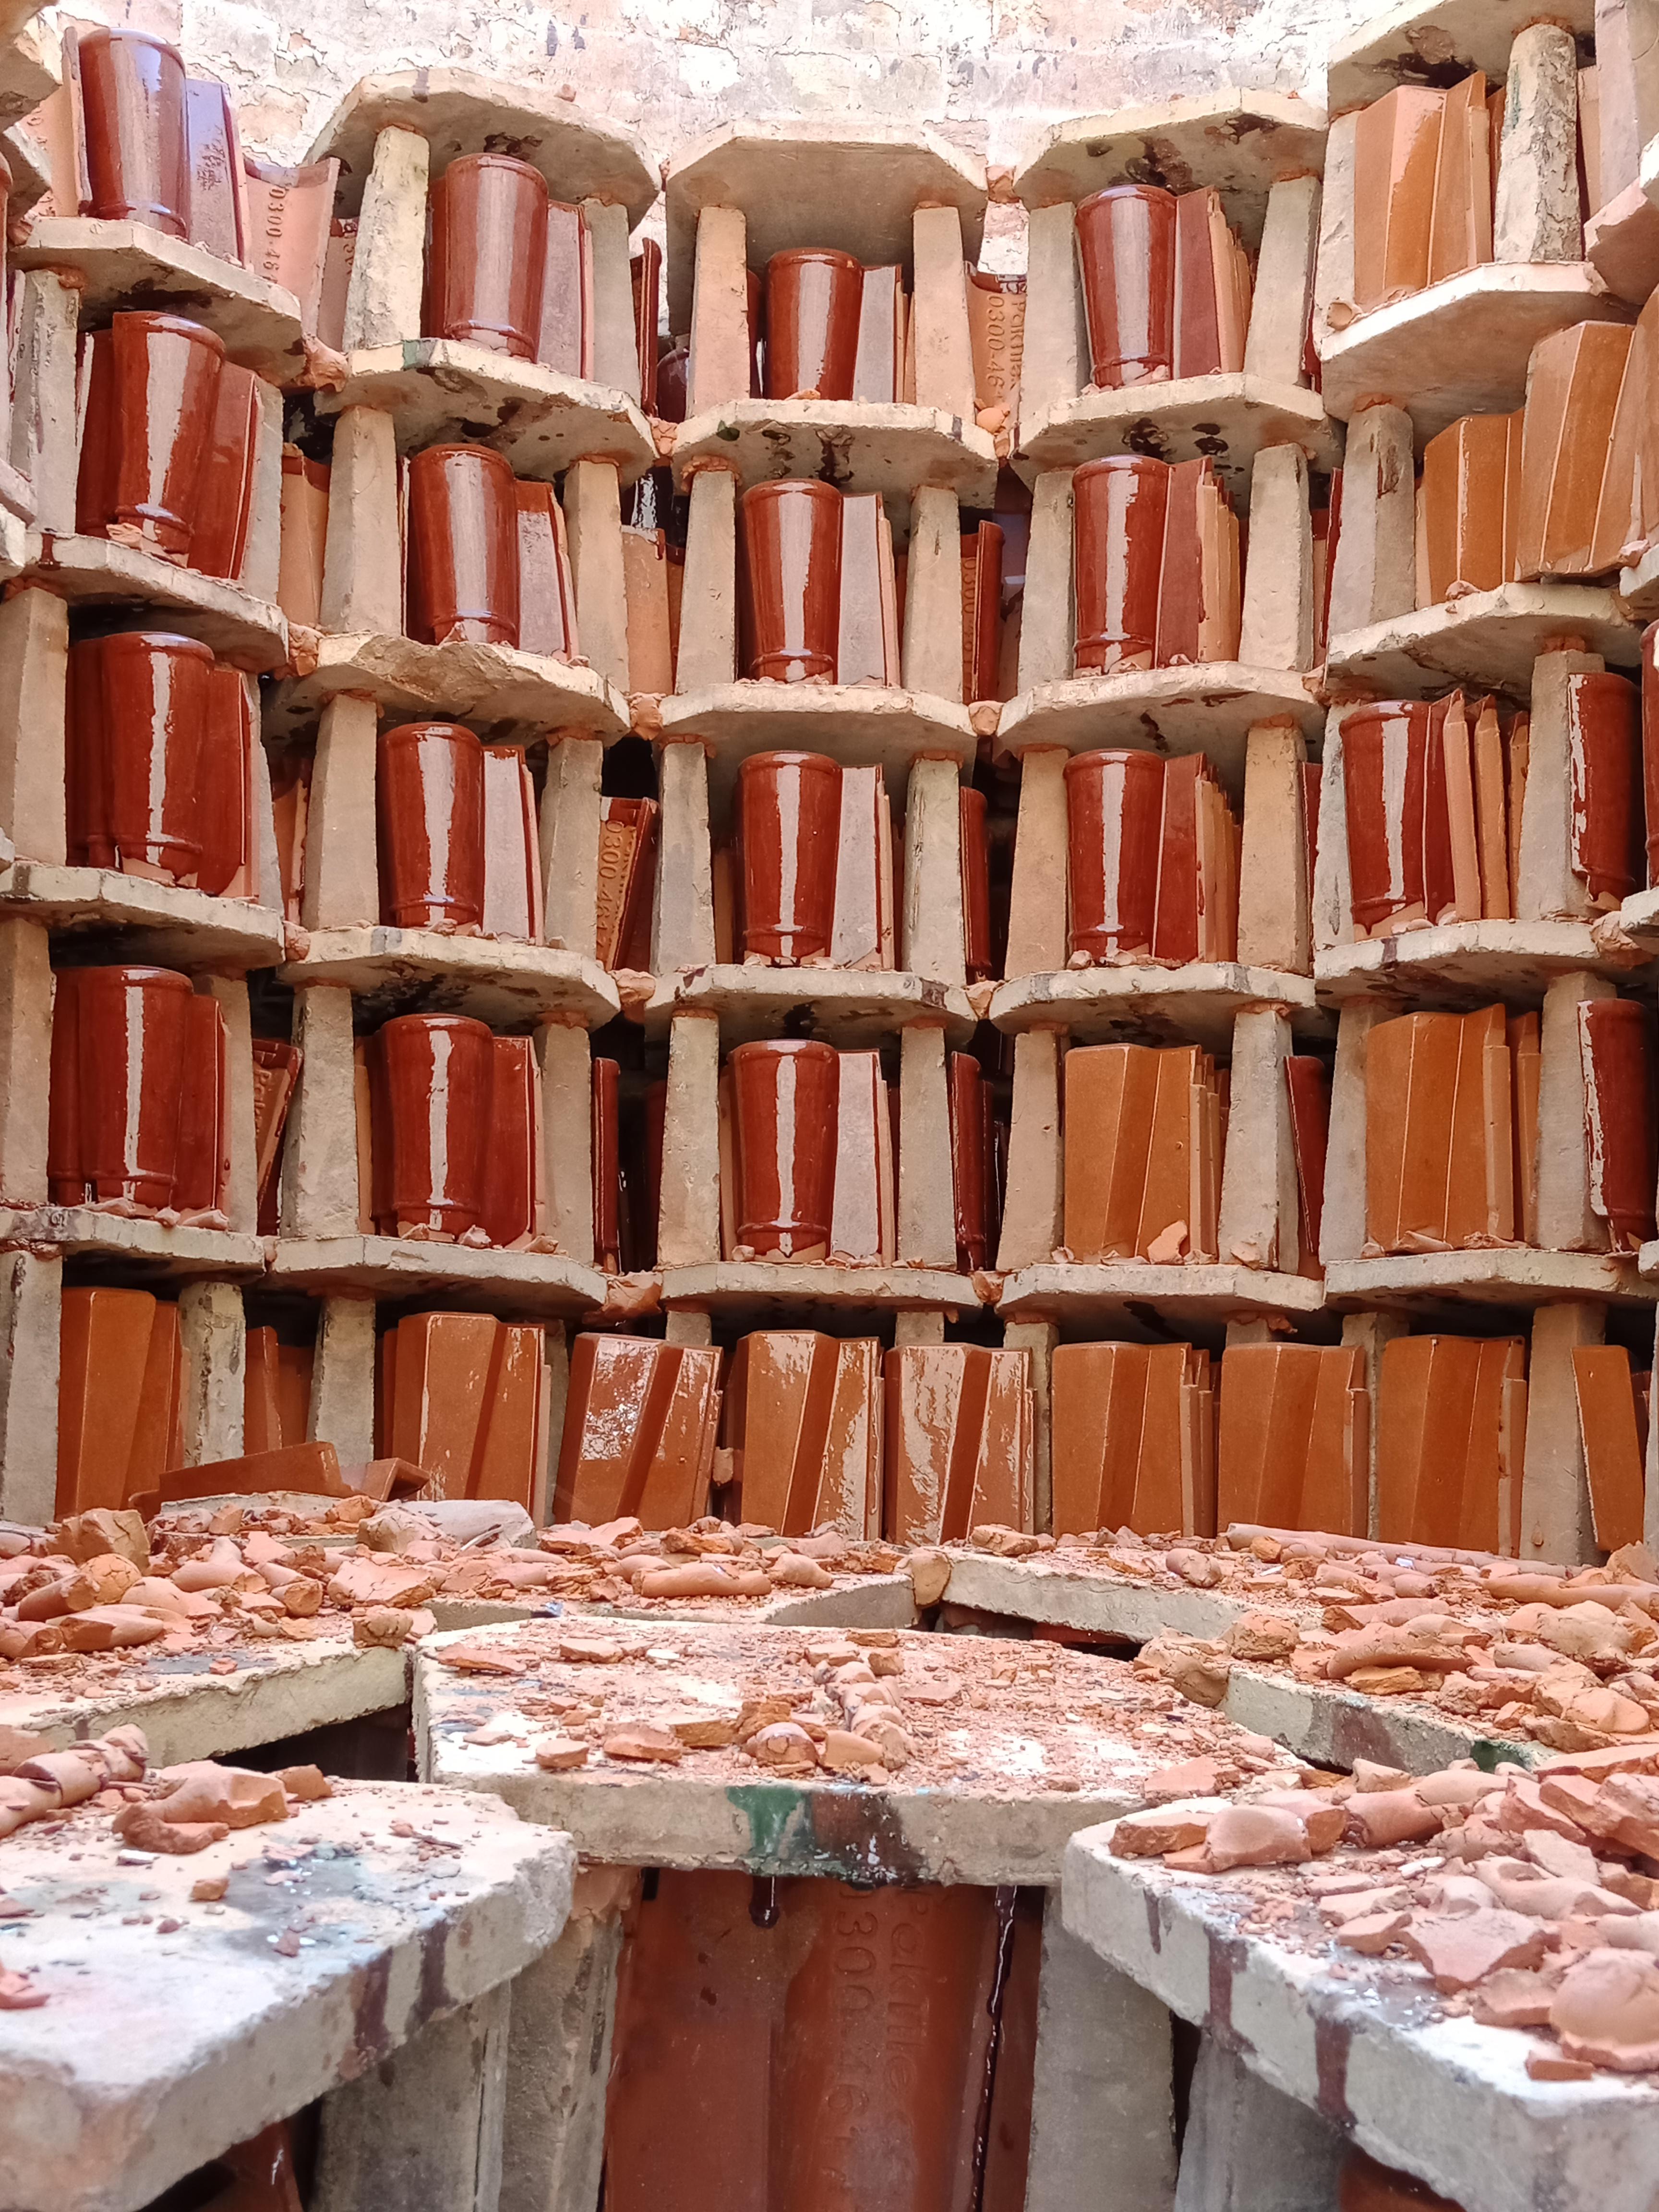 4 Khaprail Tiles Manufacturer Khaprail Tiles in Pakistan Clay Tiles Lahore Images.